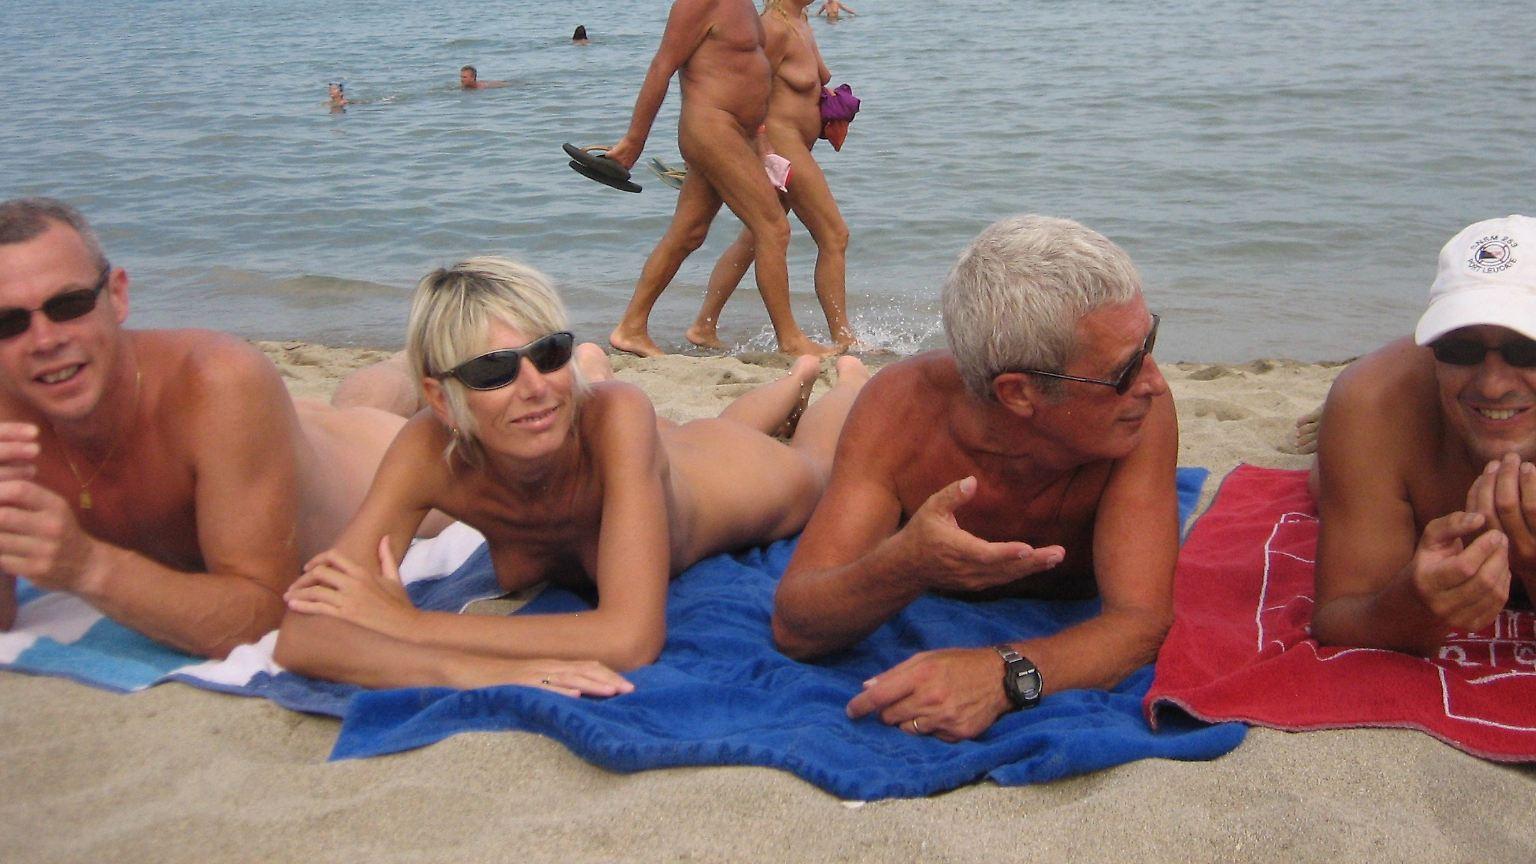 Nacktstrand desi sex in der öffentlichkeit foto 1